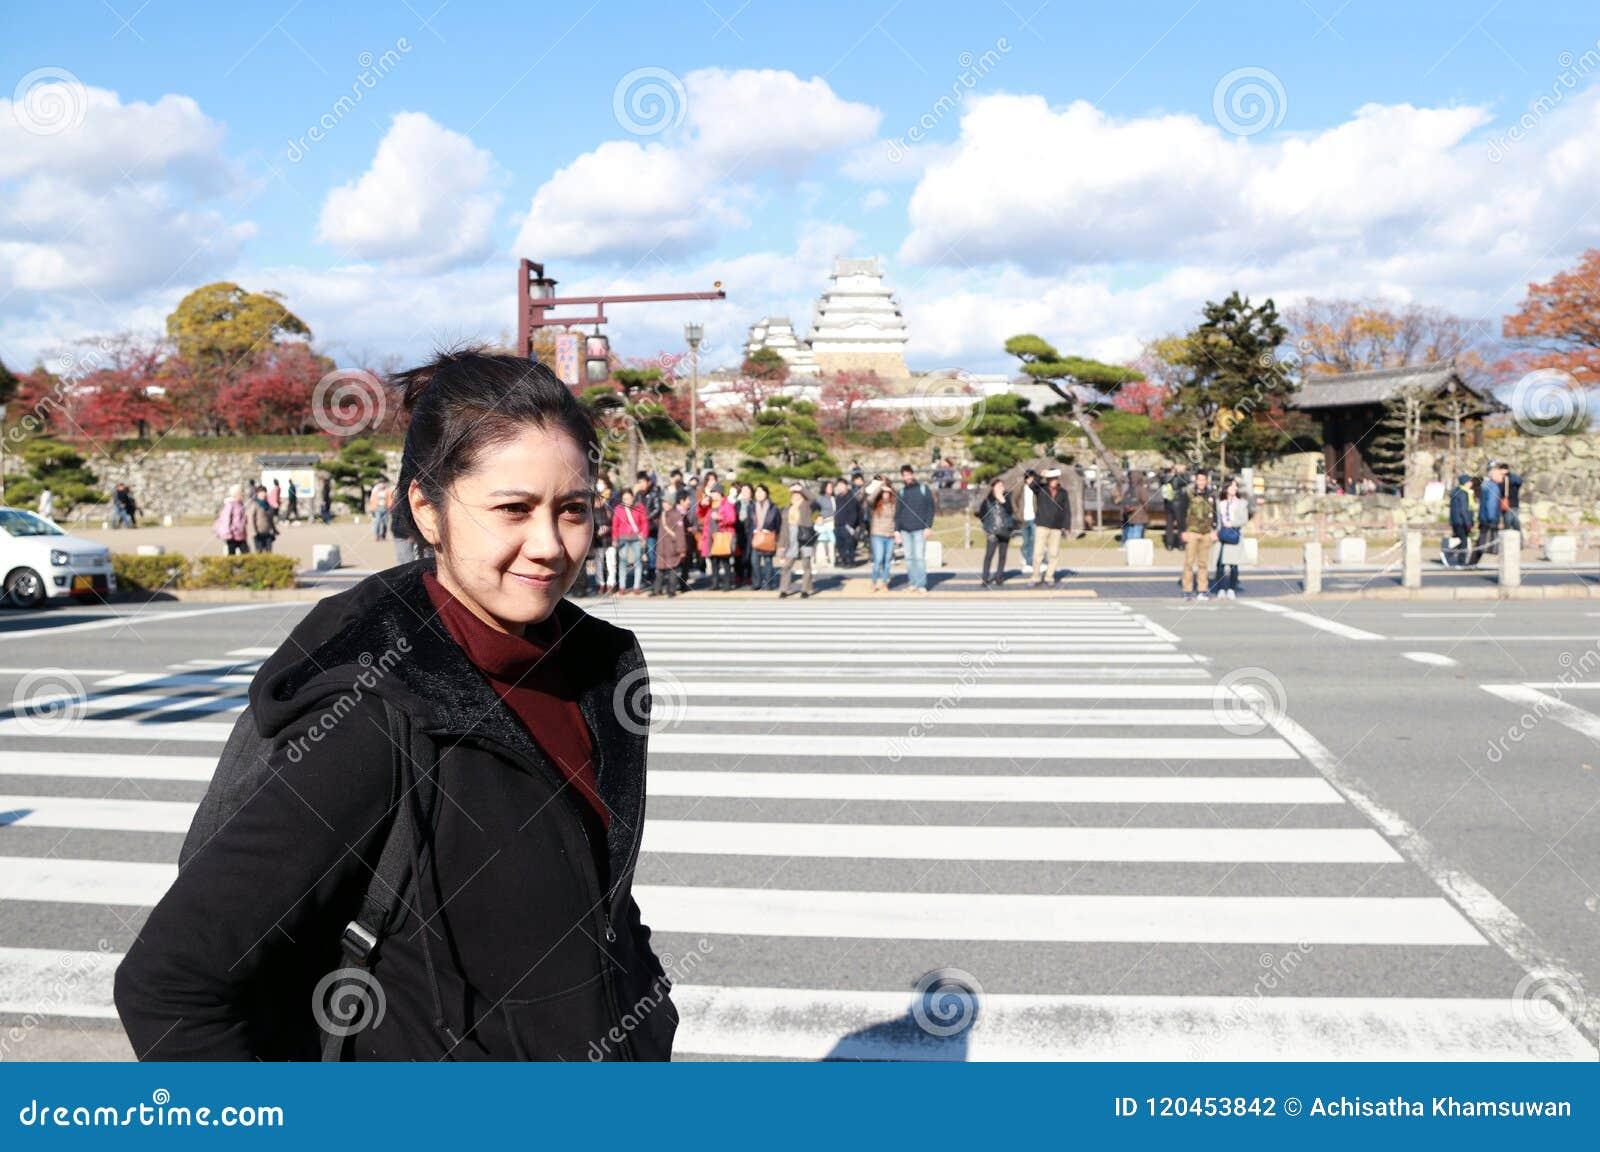 La mujer asiática en la ropa negra que se coloca al lado del camino y el paso de peatones con hacia fuera enfocan al turista